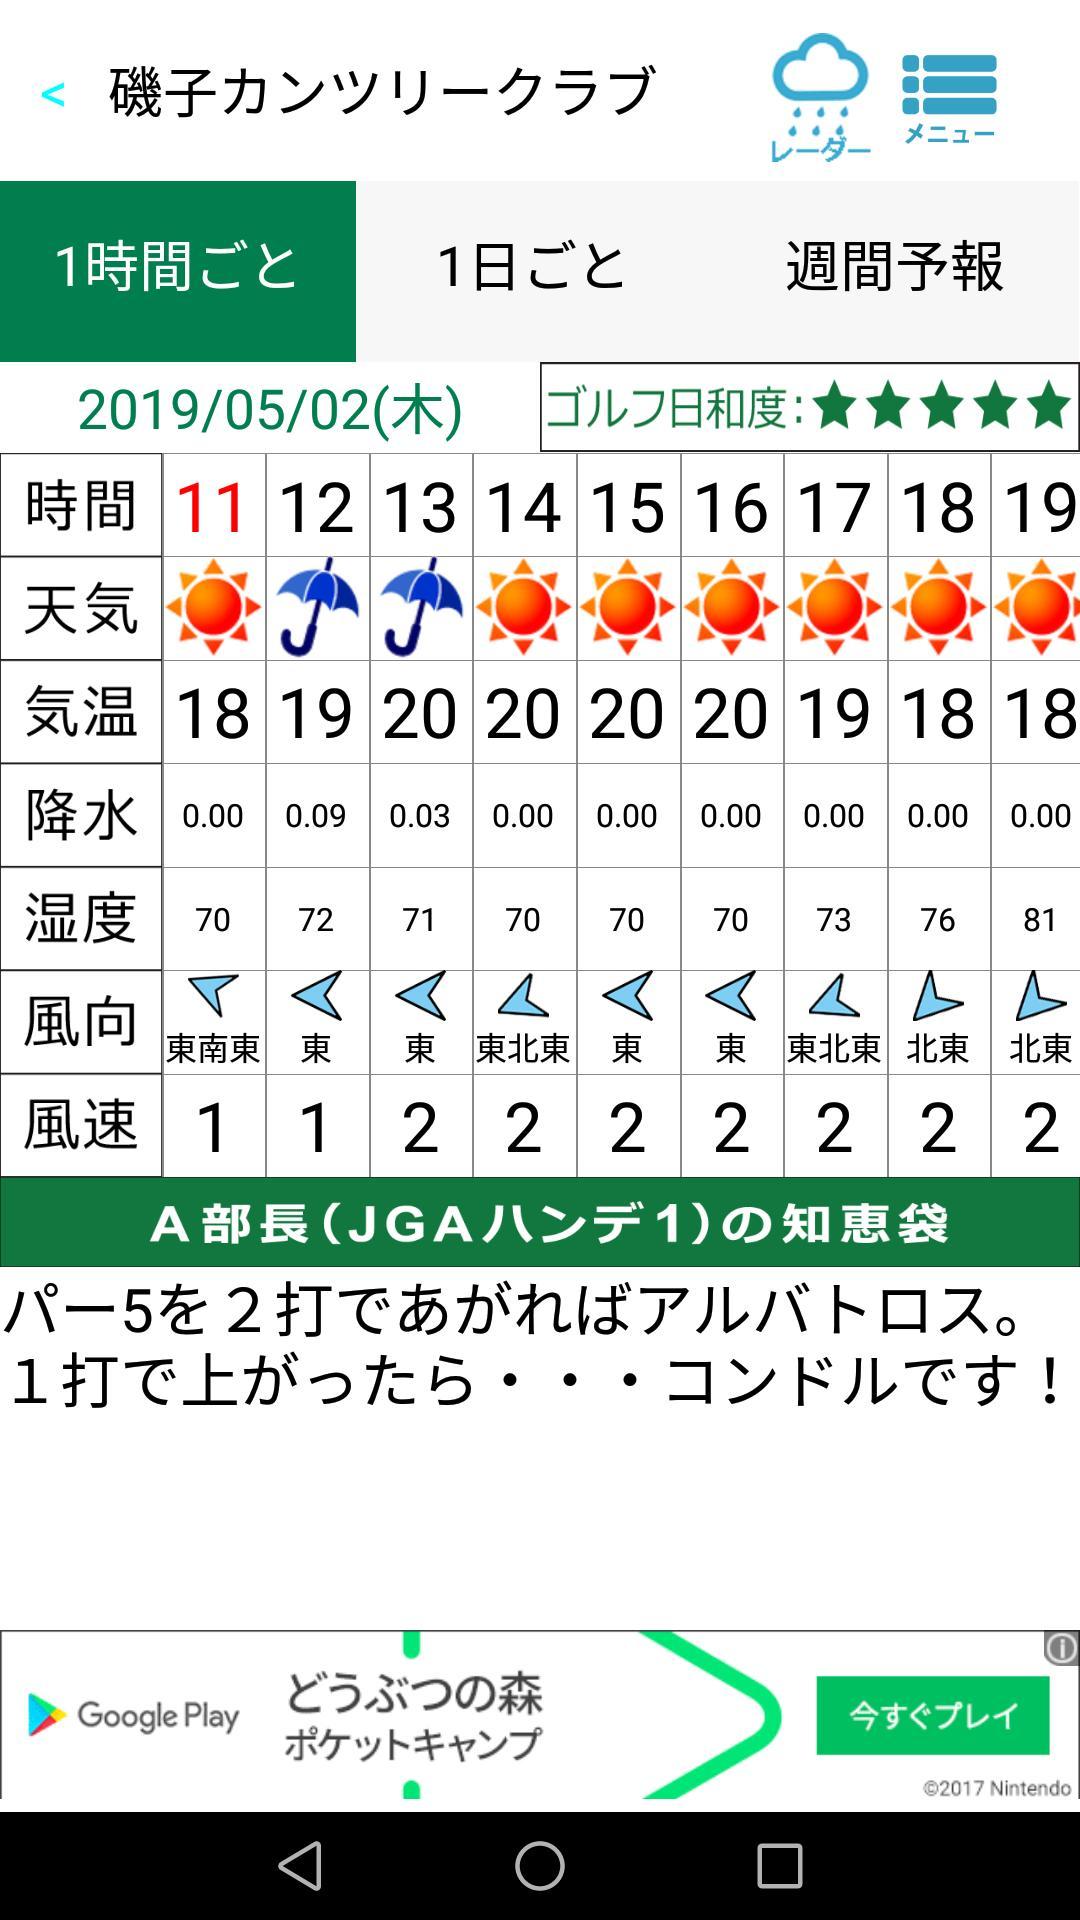 天気 予報 場 ゴルフ